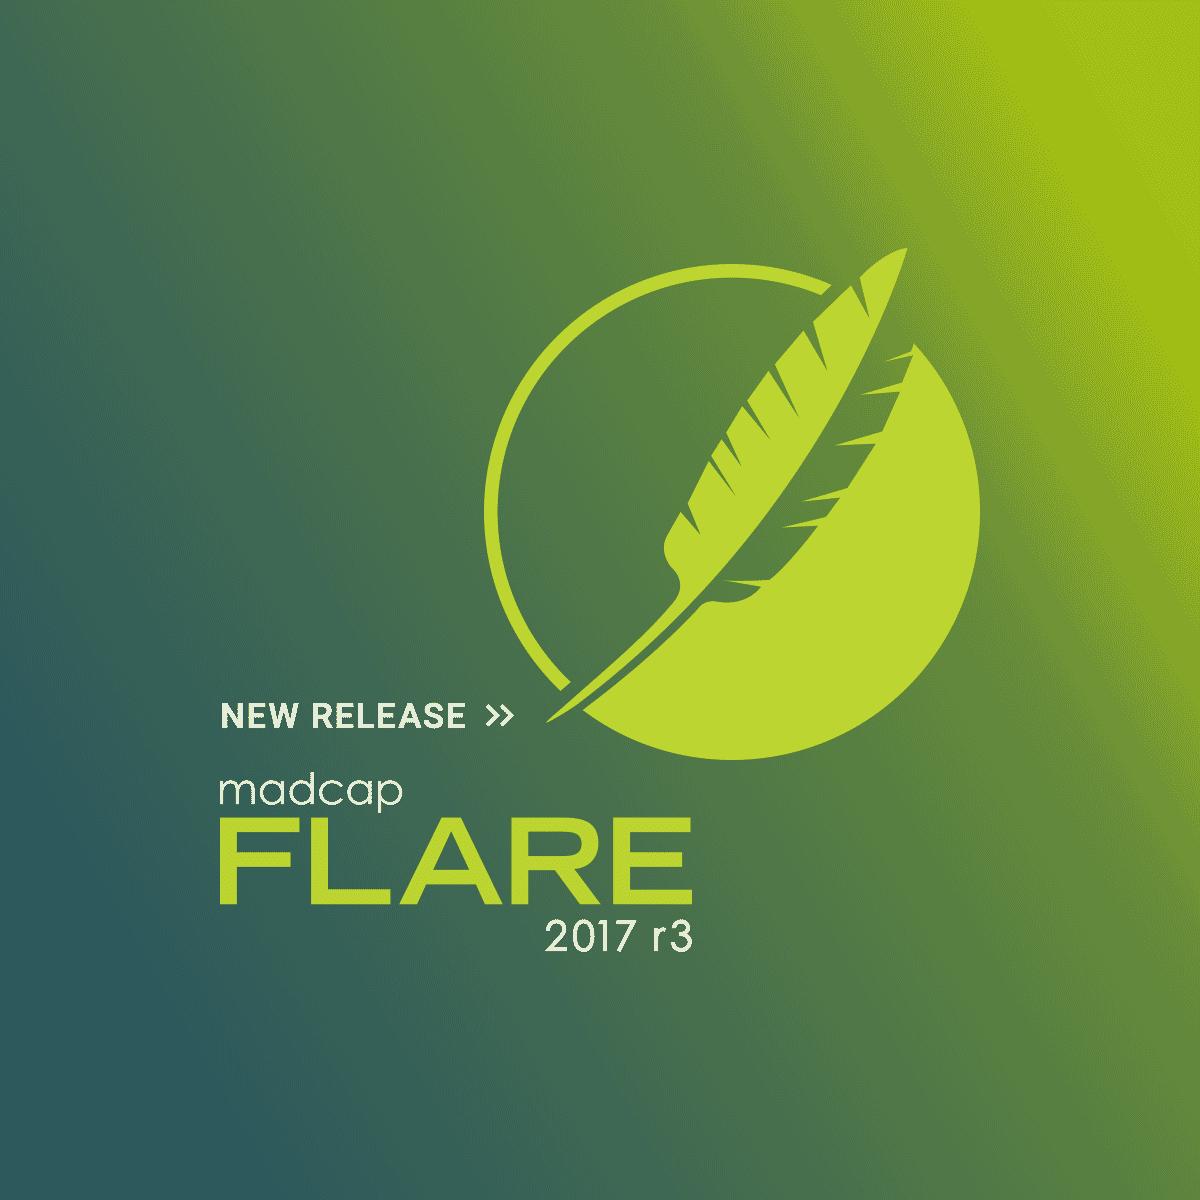 madcap flare 2017 r3 release